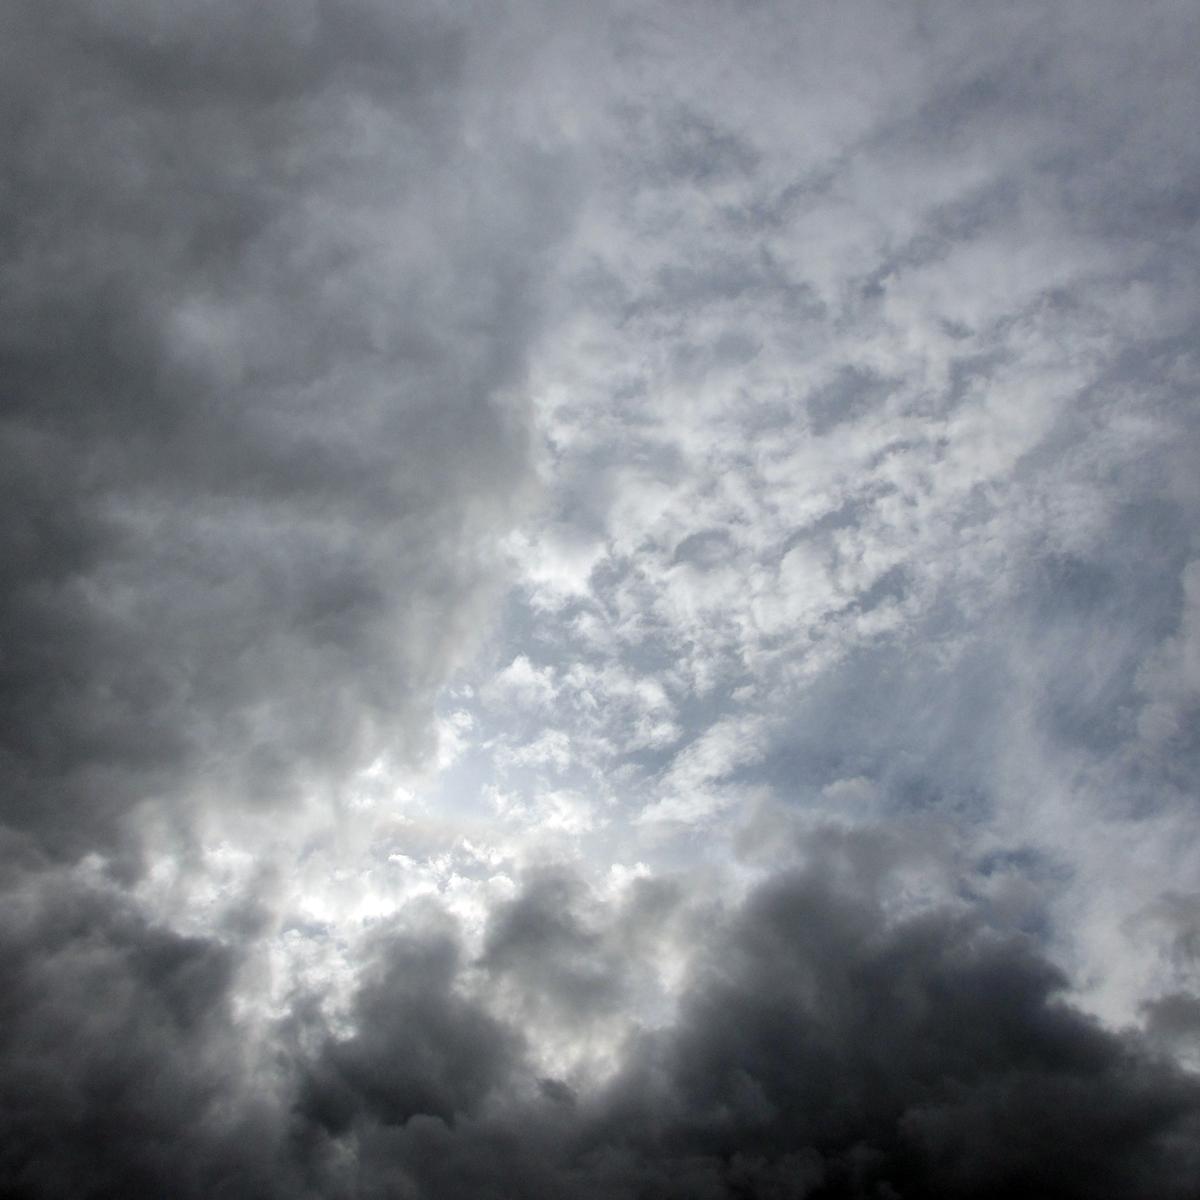 2015年6月27日(土)の空の写真 (2)